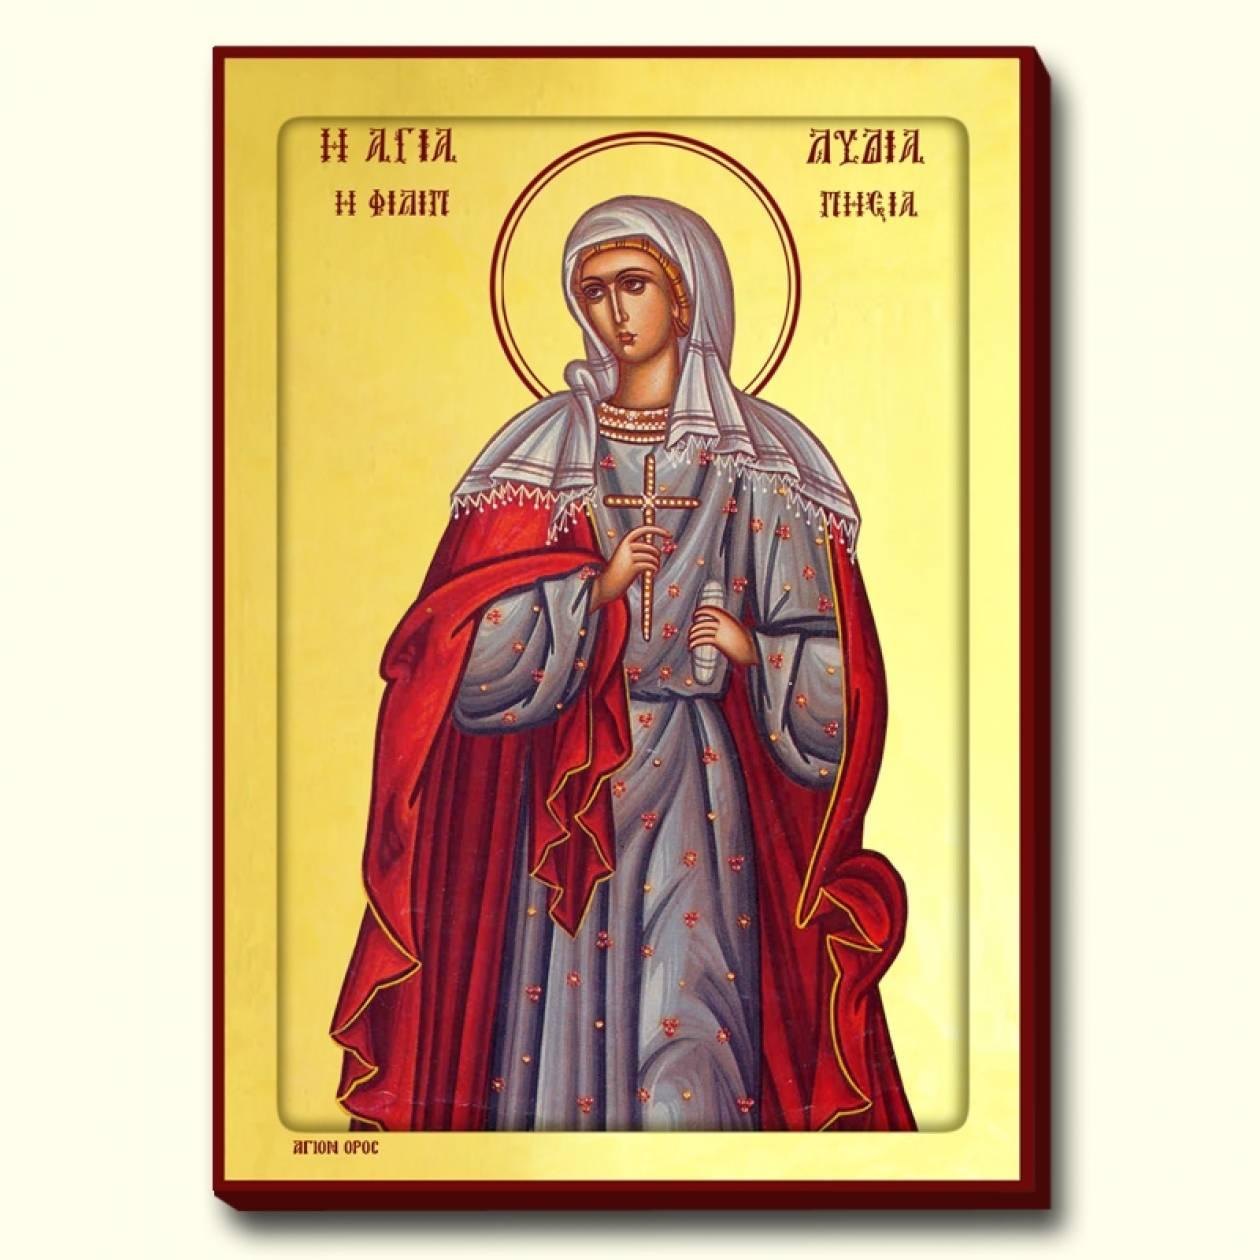 Αγία Λυδία: Η πρώτη Ευρωπαία Χριστιανή